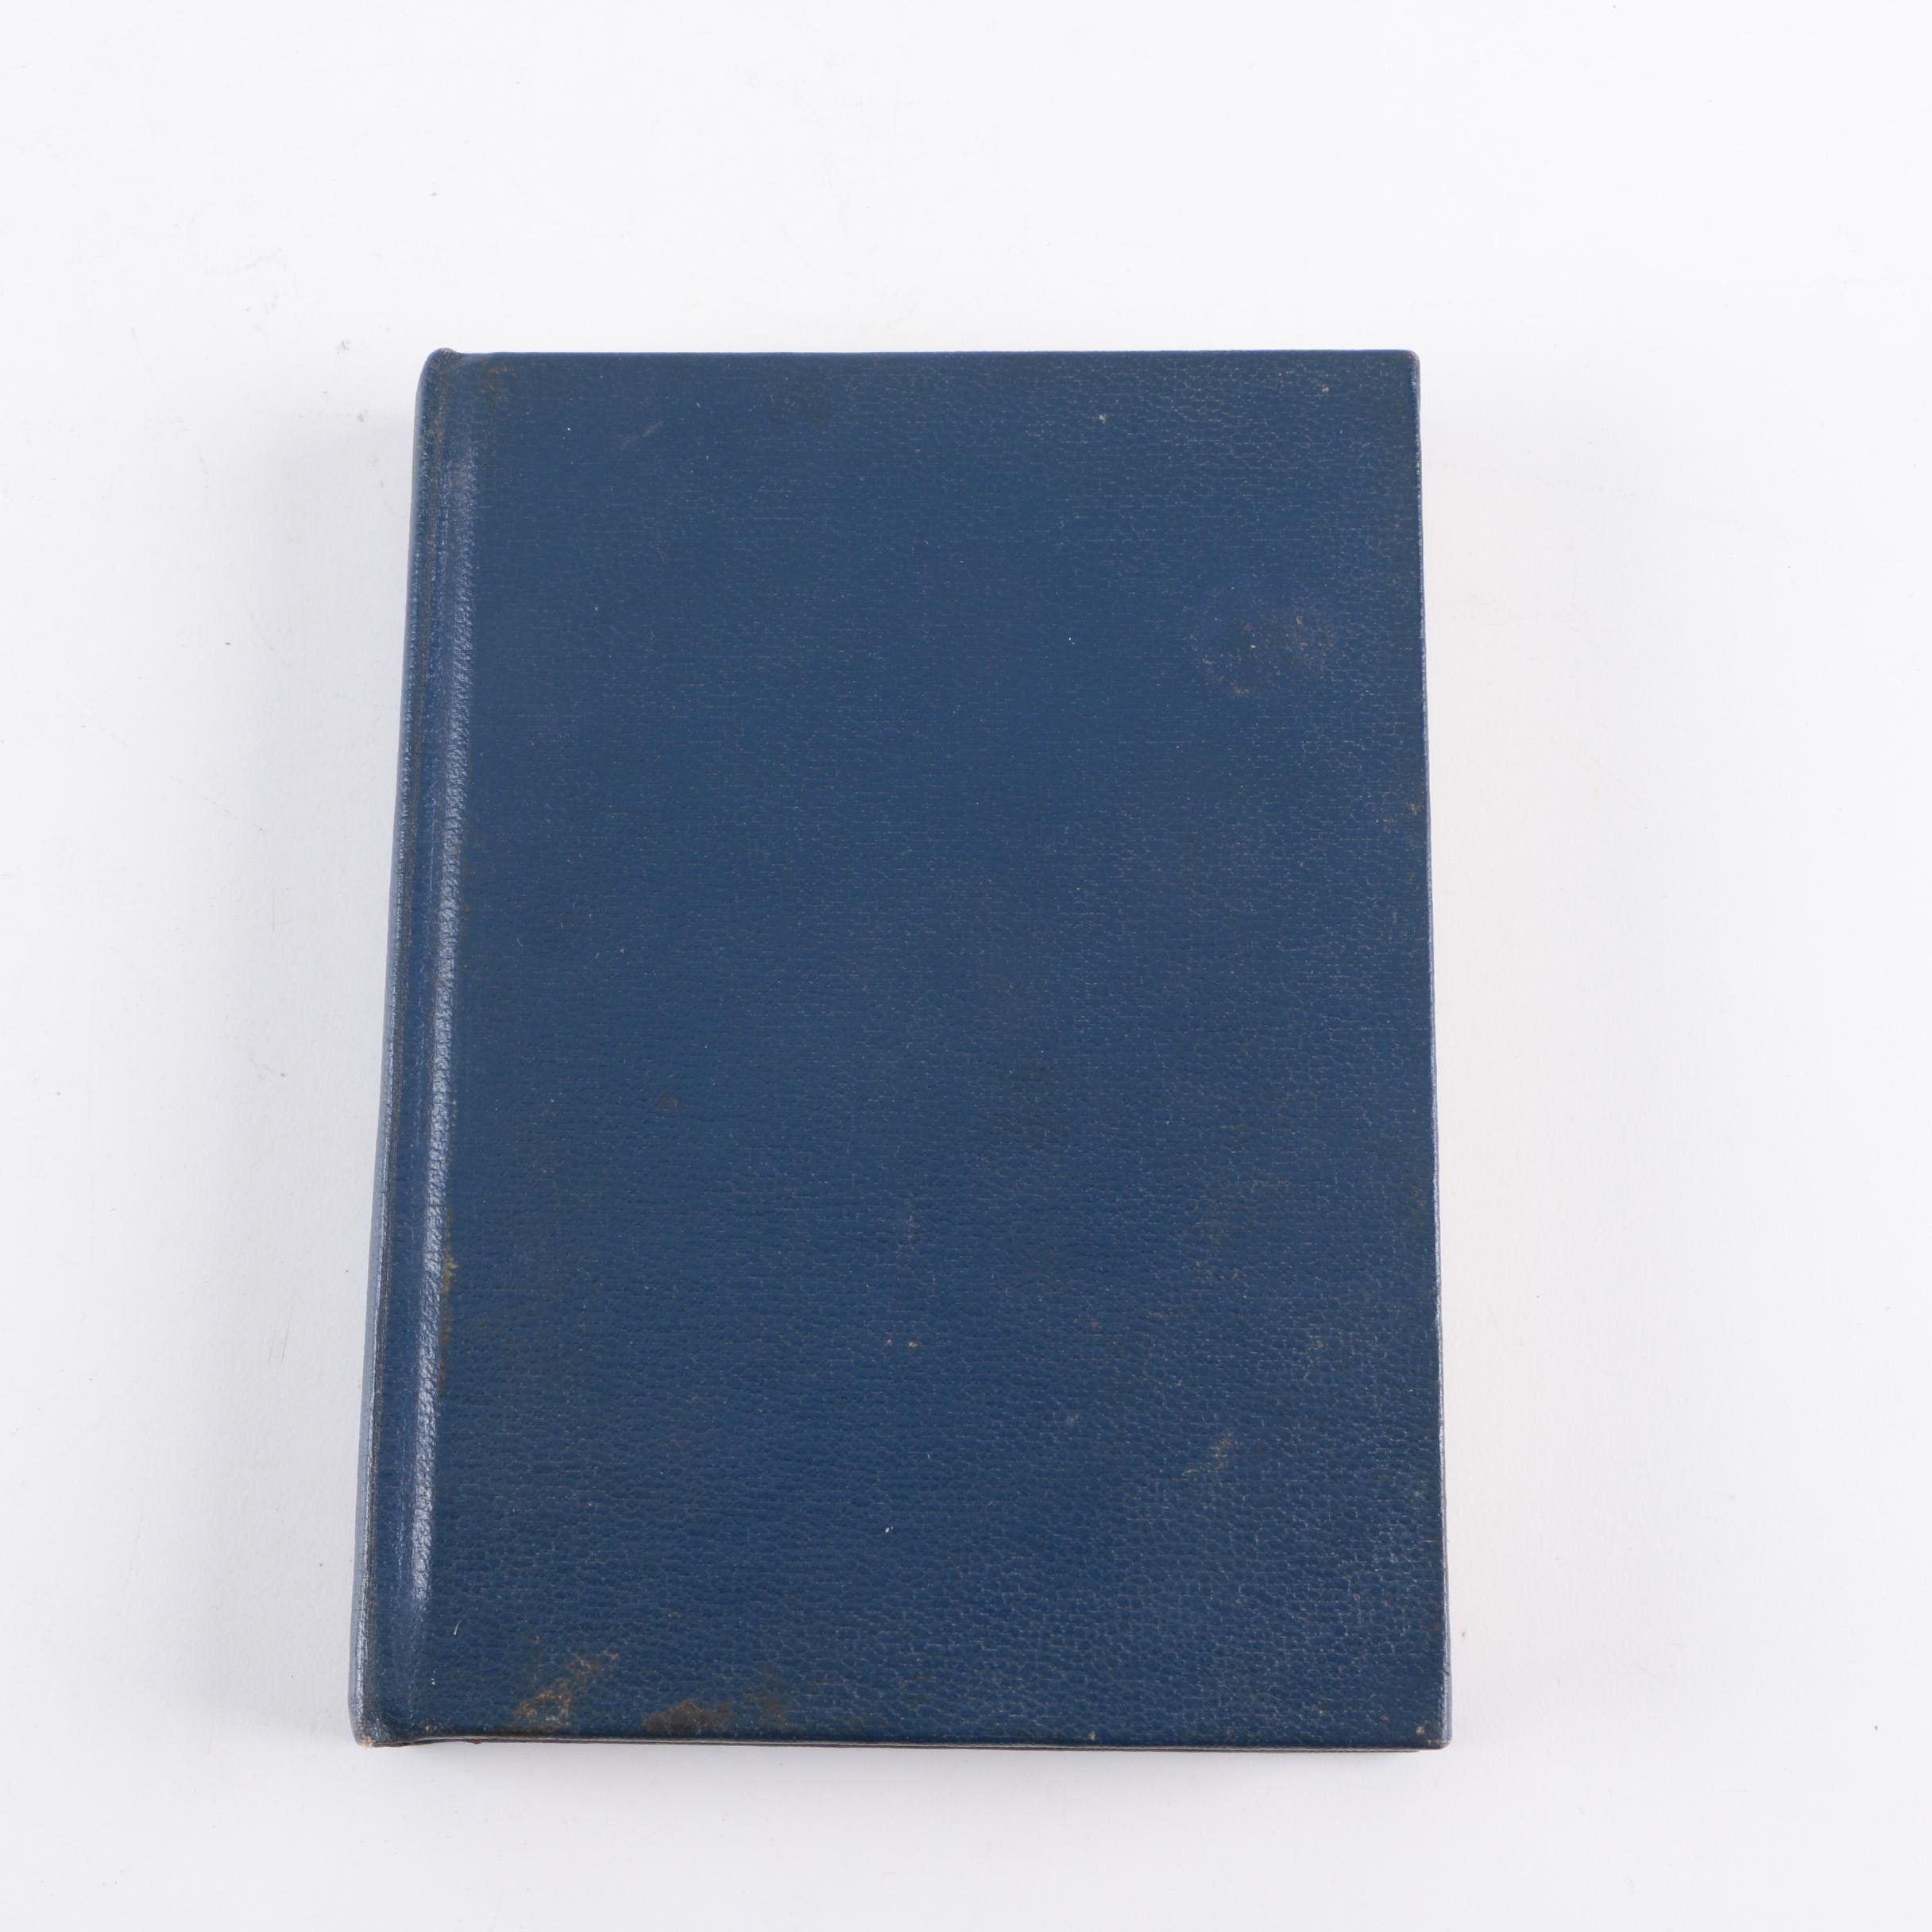 1926 Masonic Ritual Book